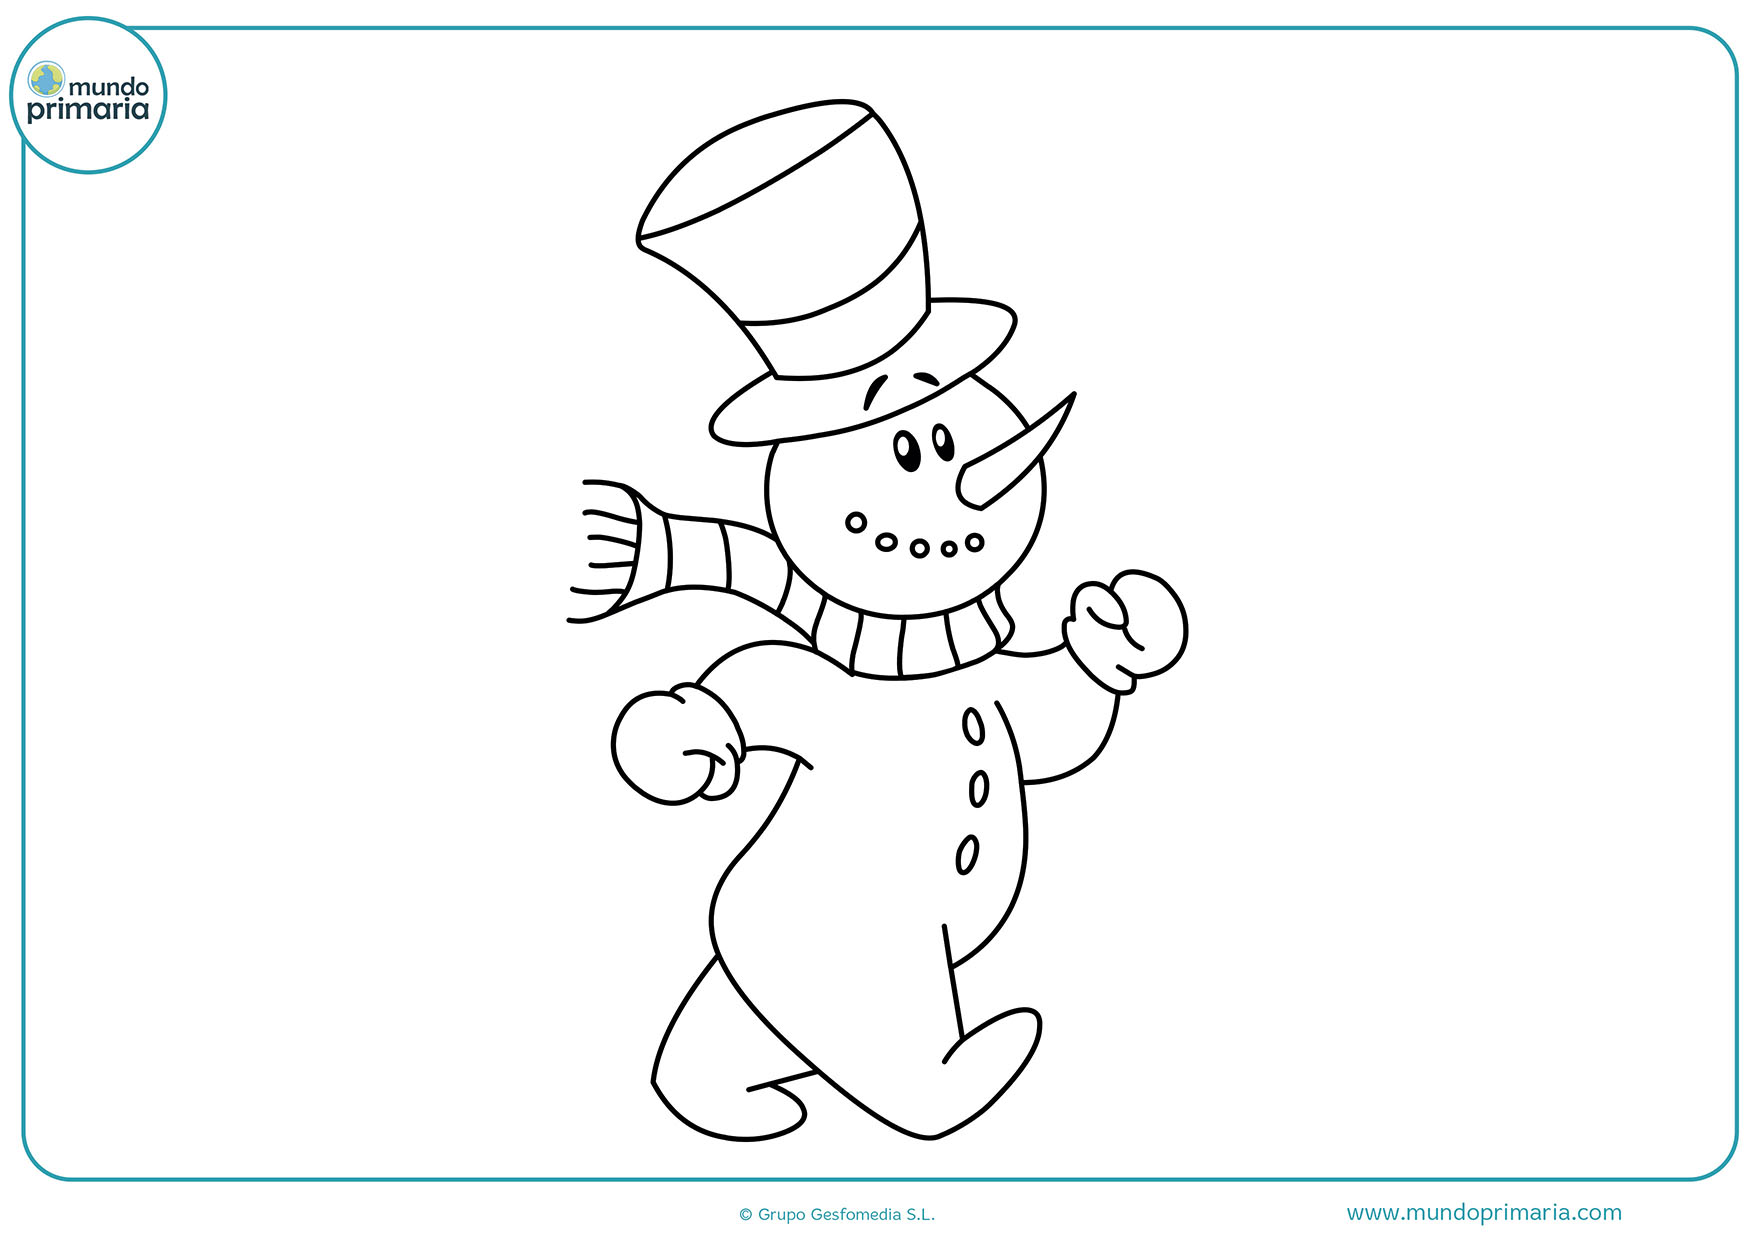 Dibujos de navidad para colorear mundo primaria - Dibujos navidad en color ...